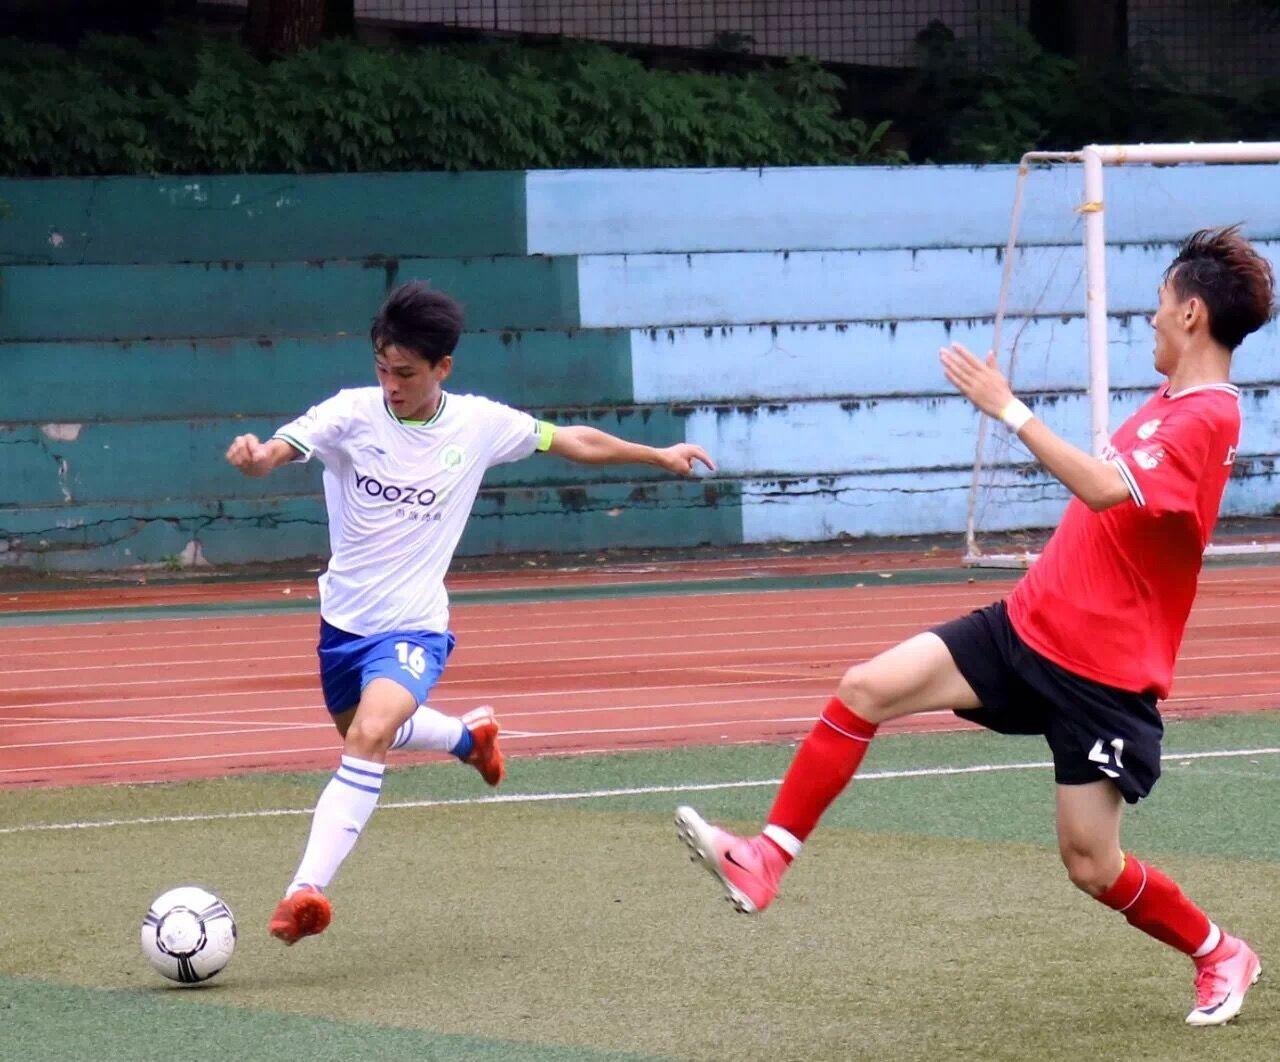 我校足球队夺得2018赛季全国运动竞赛联盟足球联赛亚军